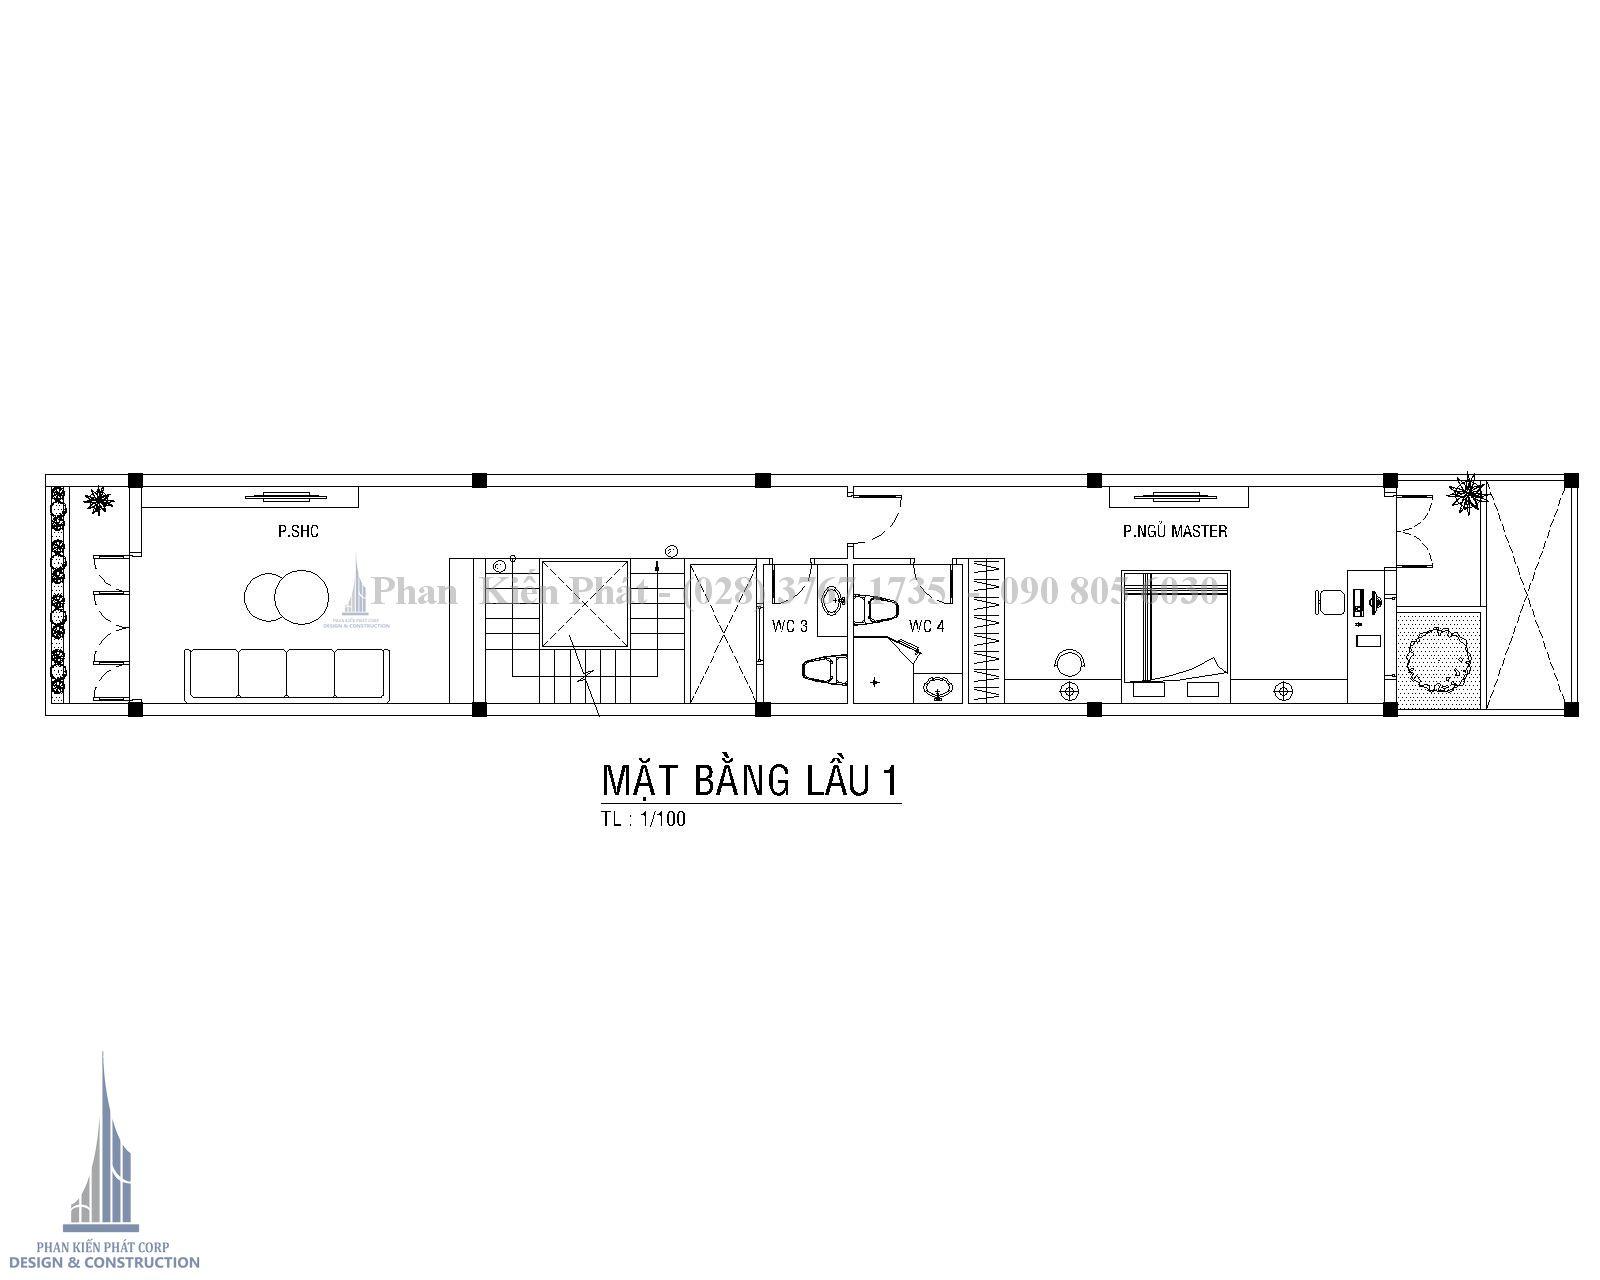 Mat Bang Lau 1 Mau Nha Ong 4 Tang Hien Dai 1 Tret 3 Lau